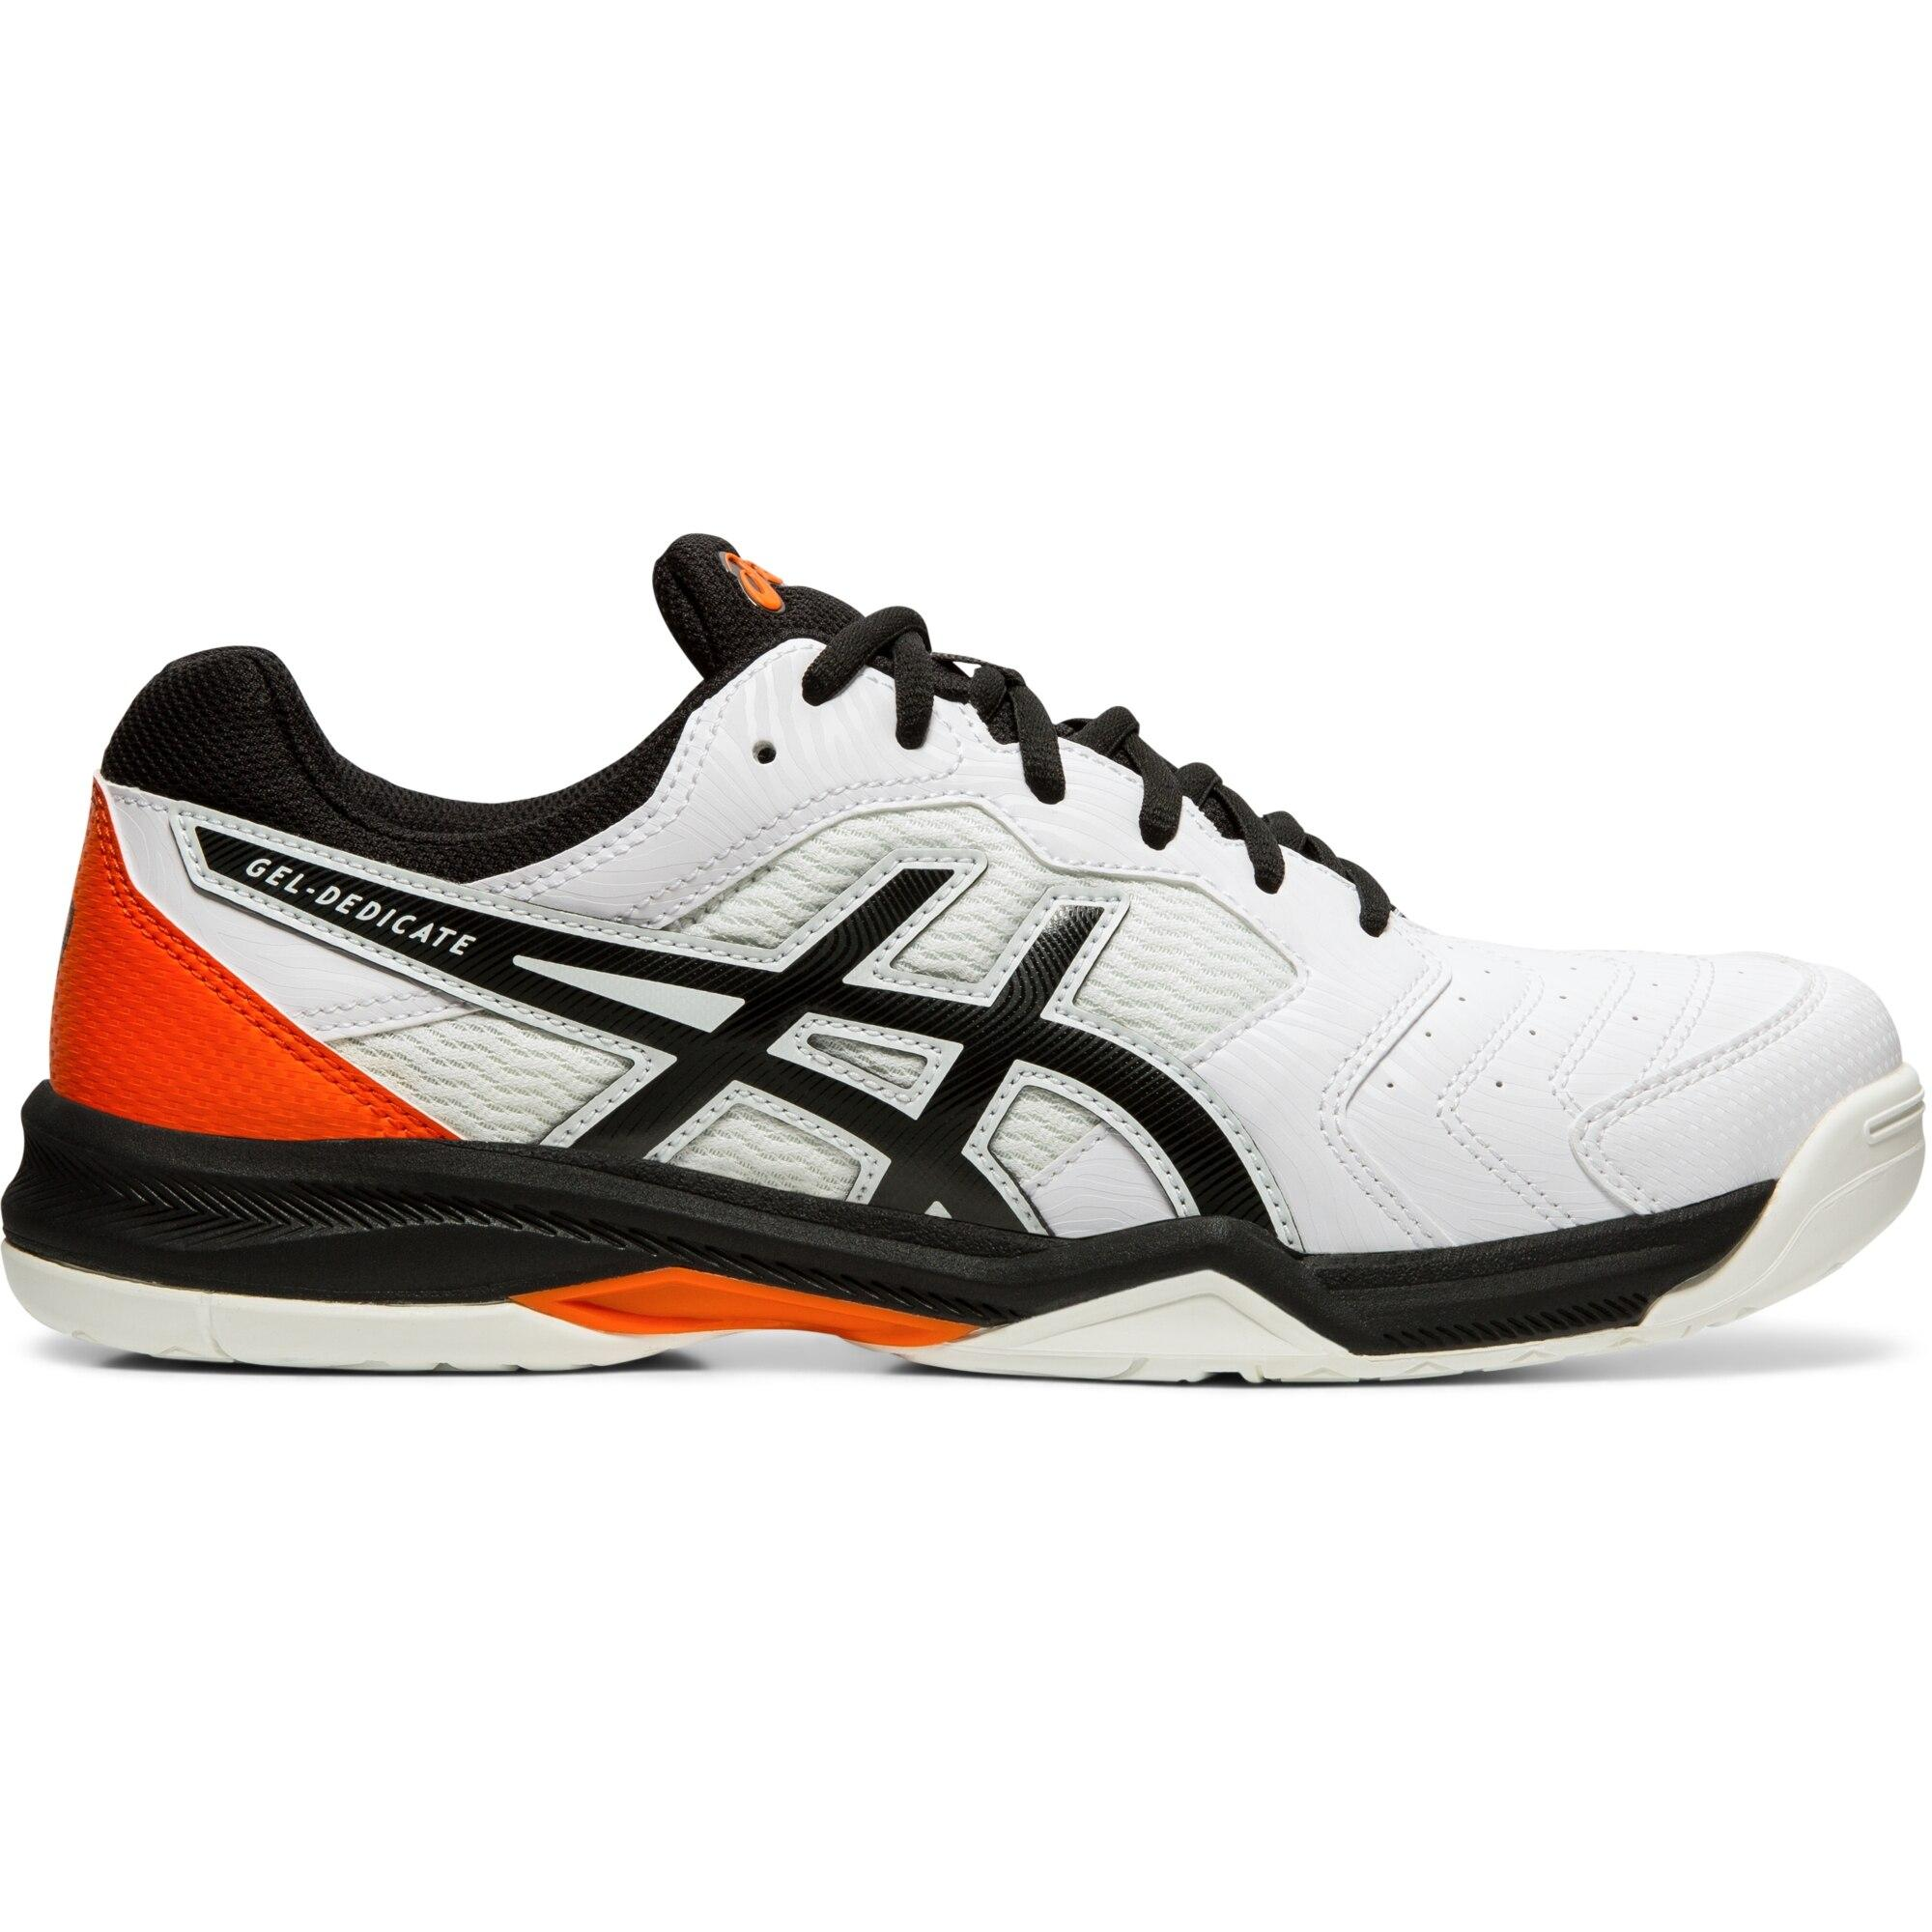 063db5880b13 Asics Mens GEL-Dedicate 6 Tennis Shoes - White/Black - Tennisnuts.com